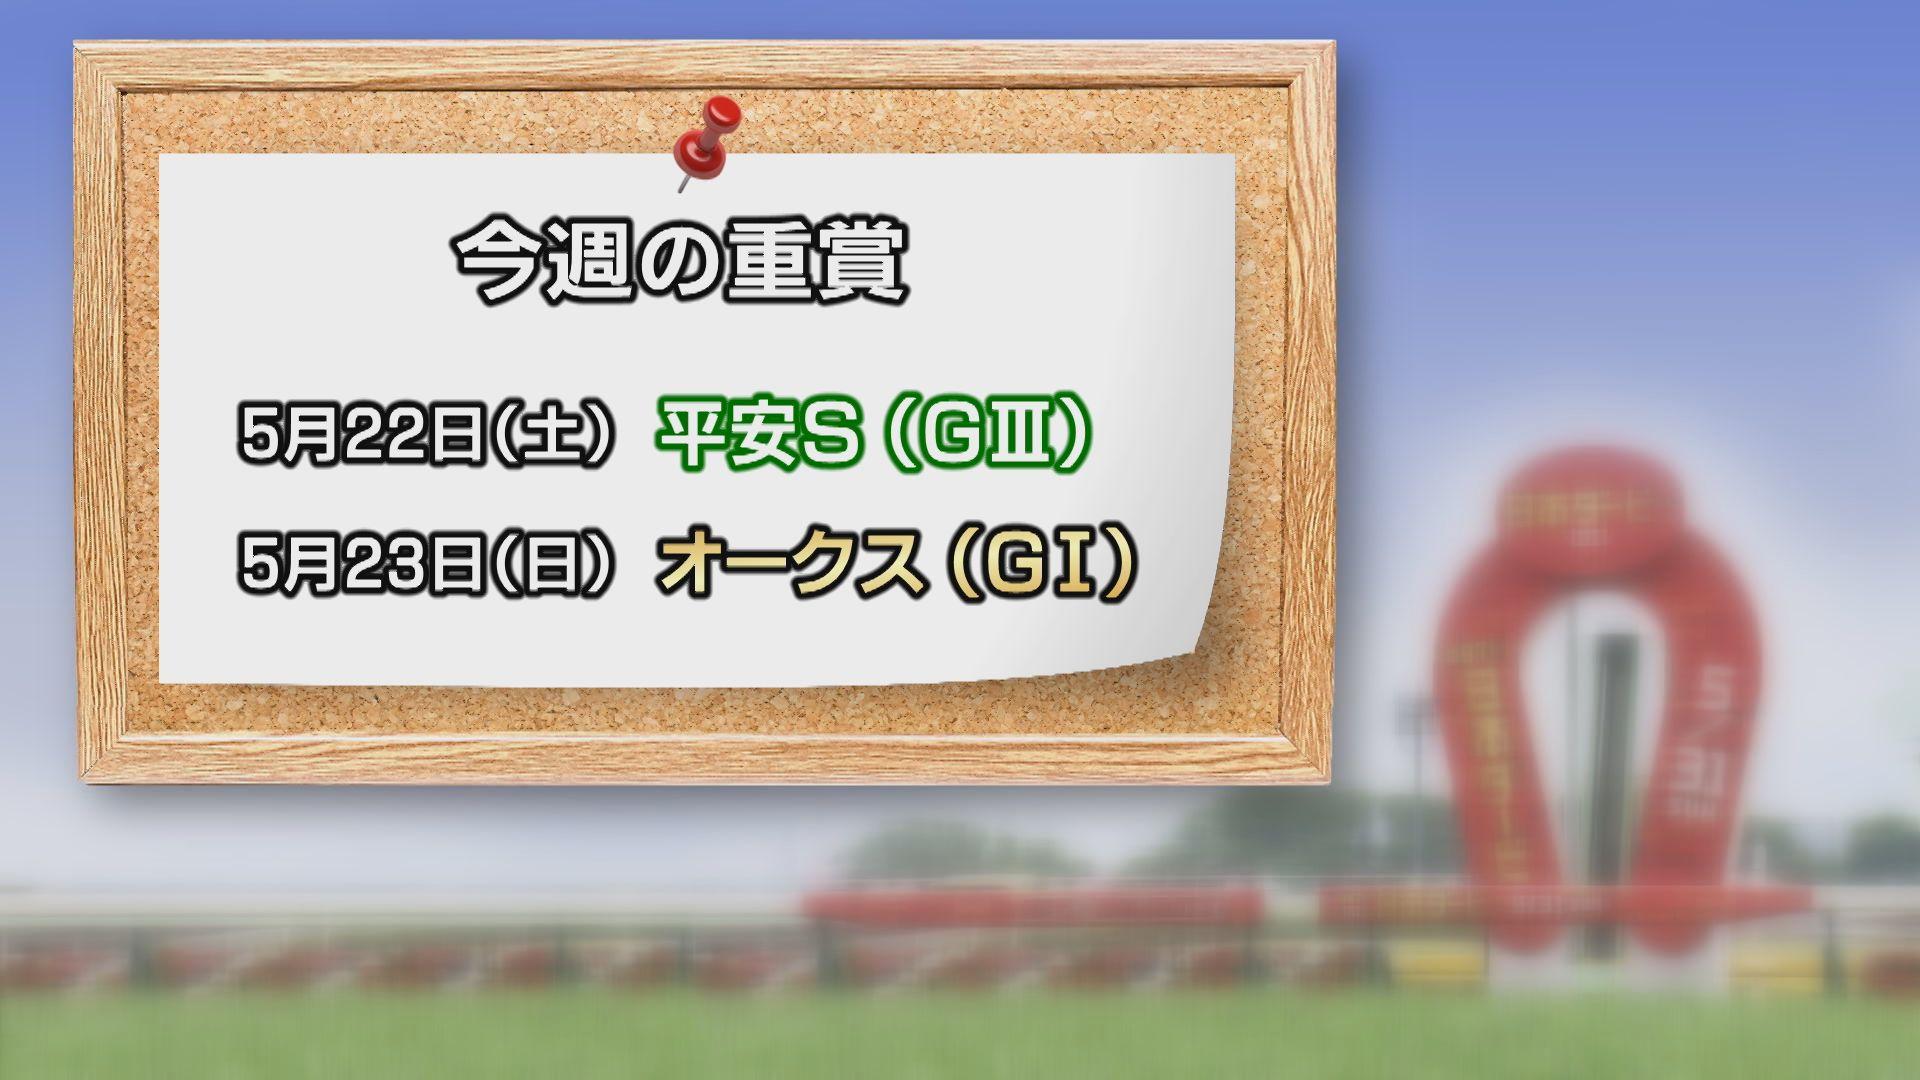 【今週の重賞インフォメーション】平安S 5/22(土)